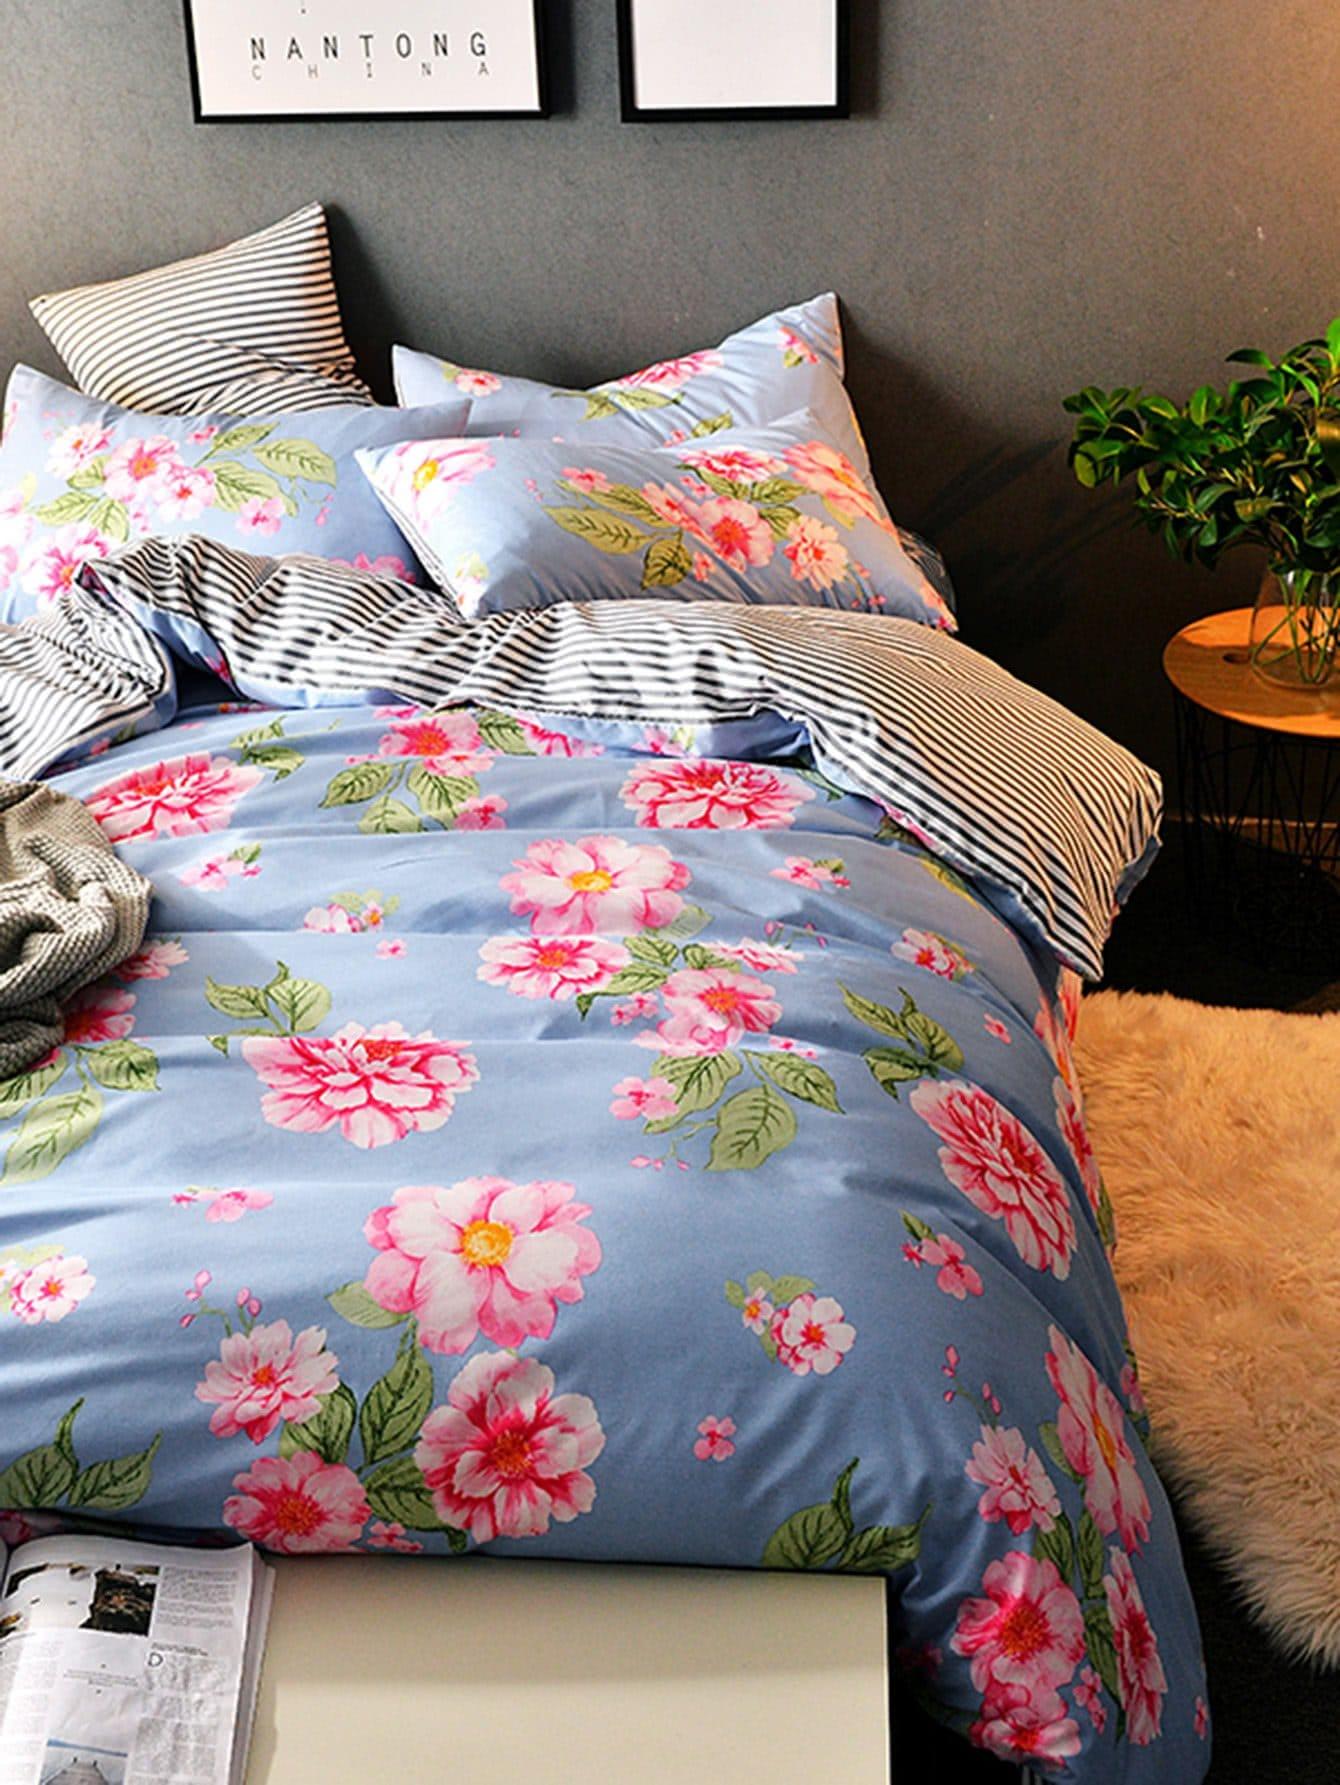 Купить Комплект для кровати с полосками в цветочек, null, SheIn